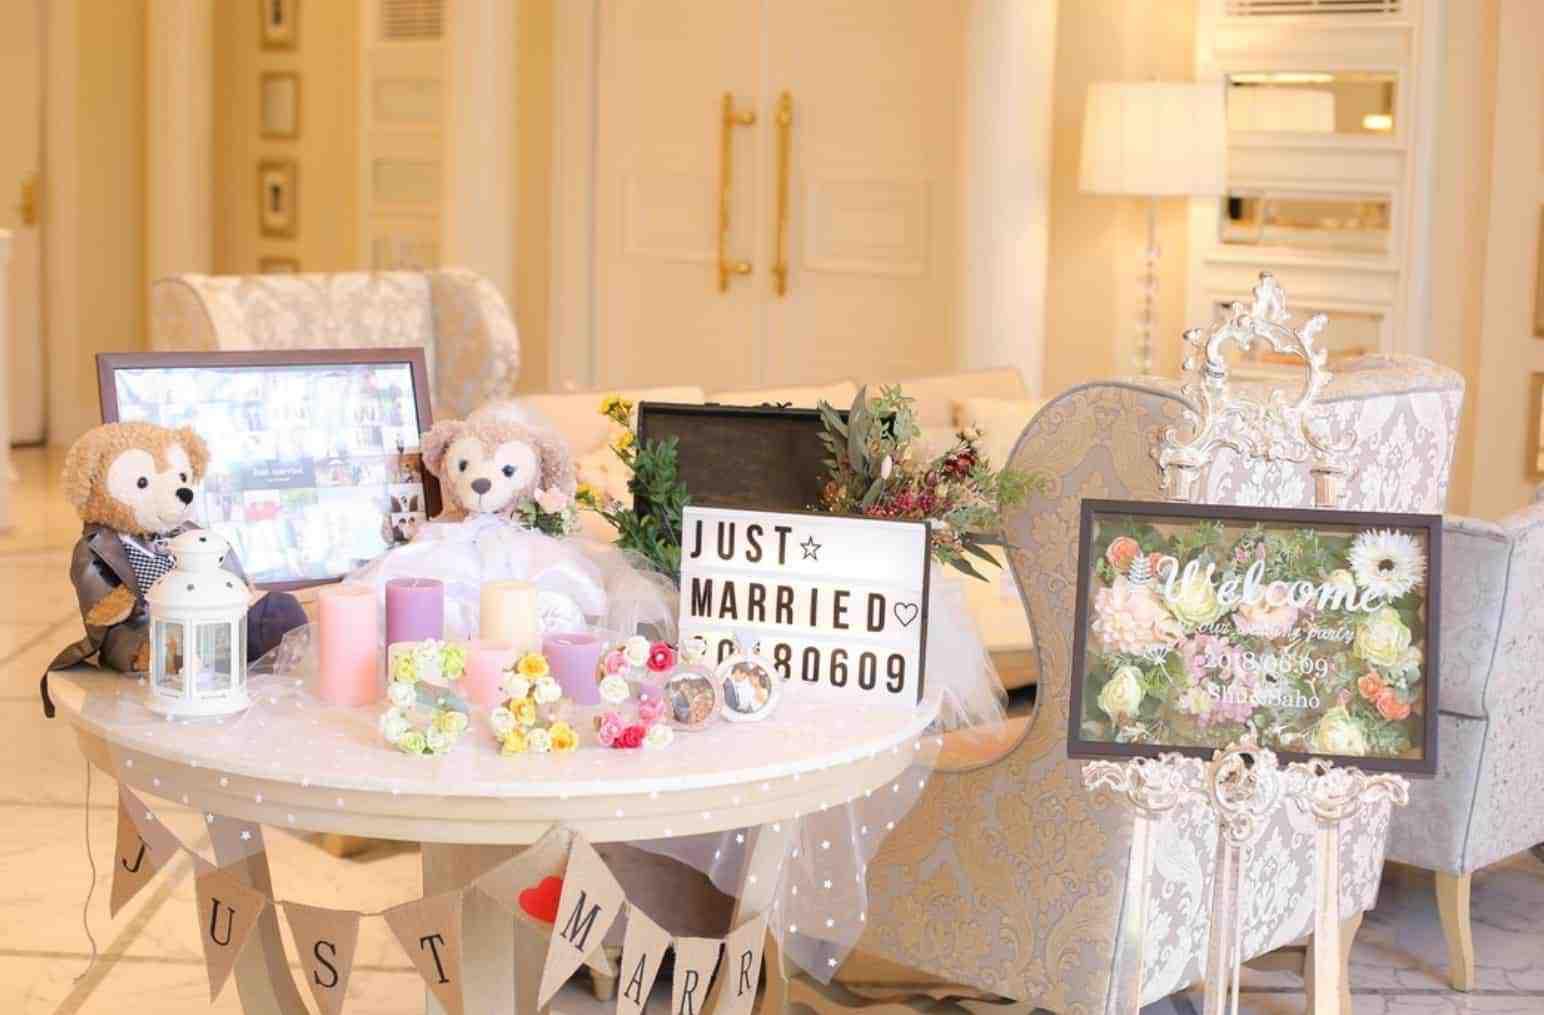 おしゃれなウェルカムスペース大特集!結婚式で真似したい、飾るコツやアイテムって?のカバー写真